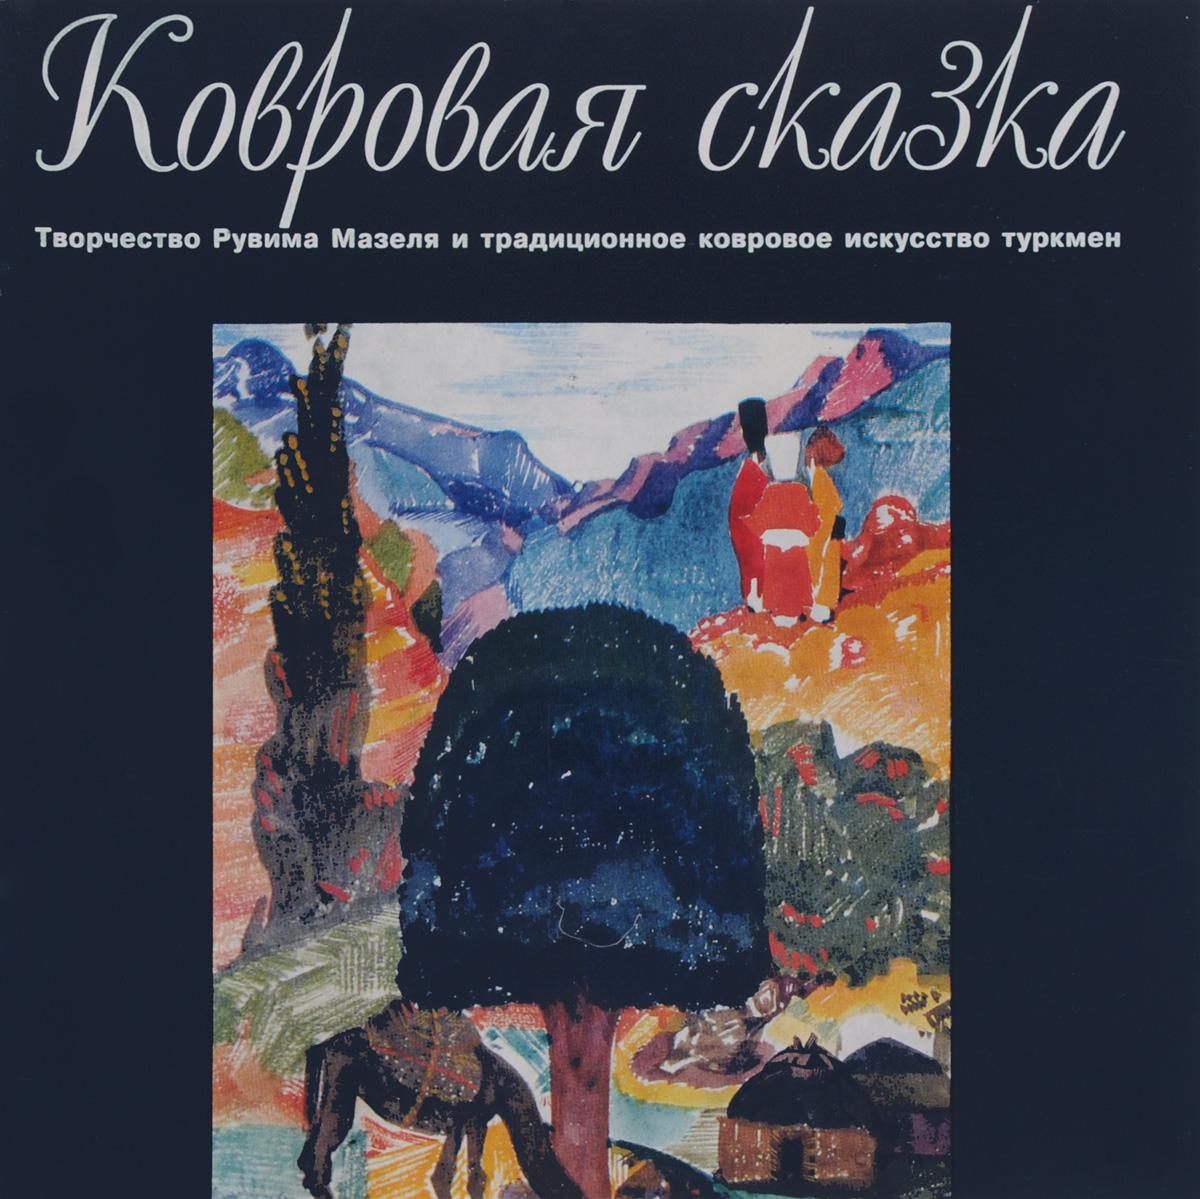 Ковровая сказка. Творчество Рувима Мазеля и традиционное ковровое искусство туркмен. Каталог ( 5-269-00915-3 )